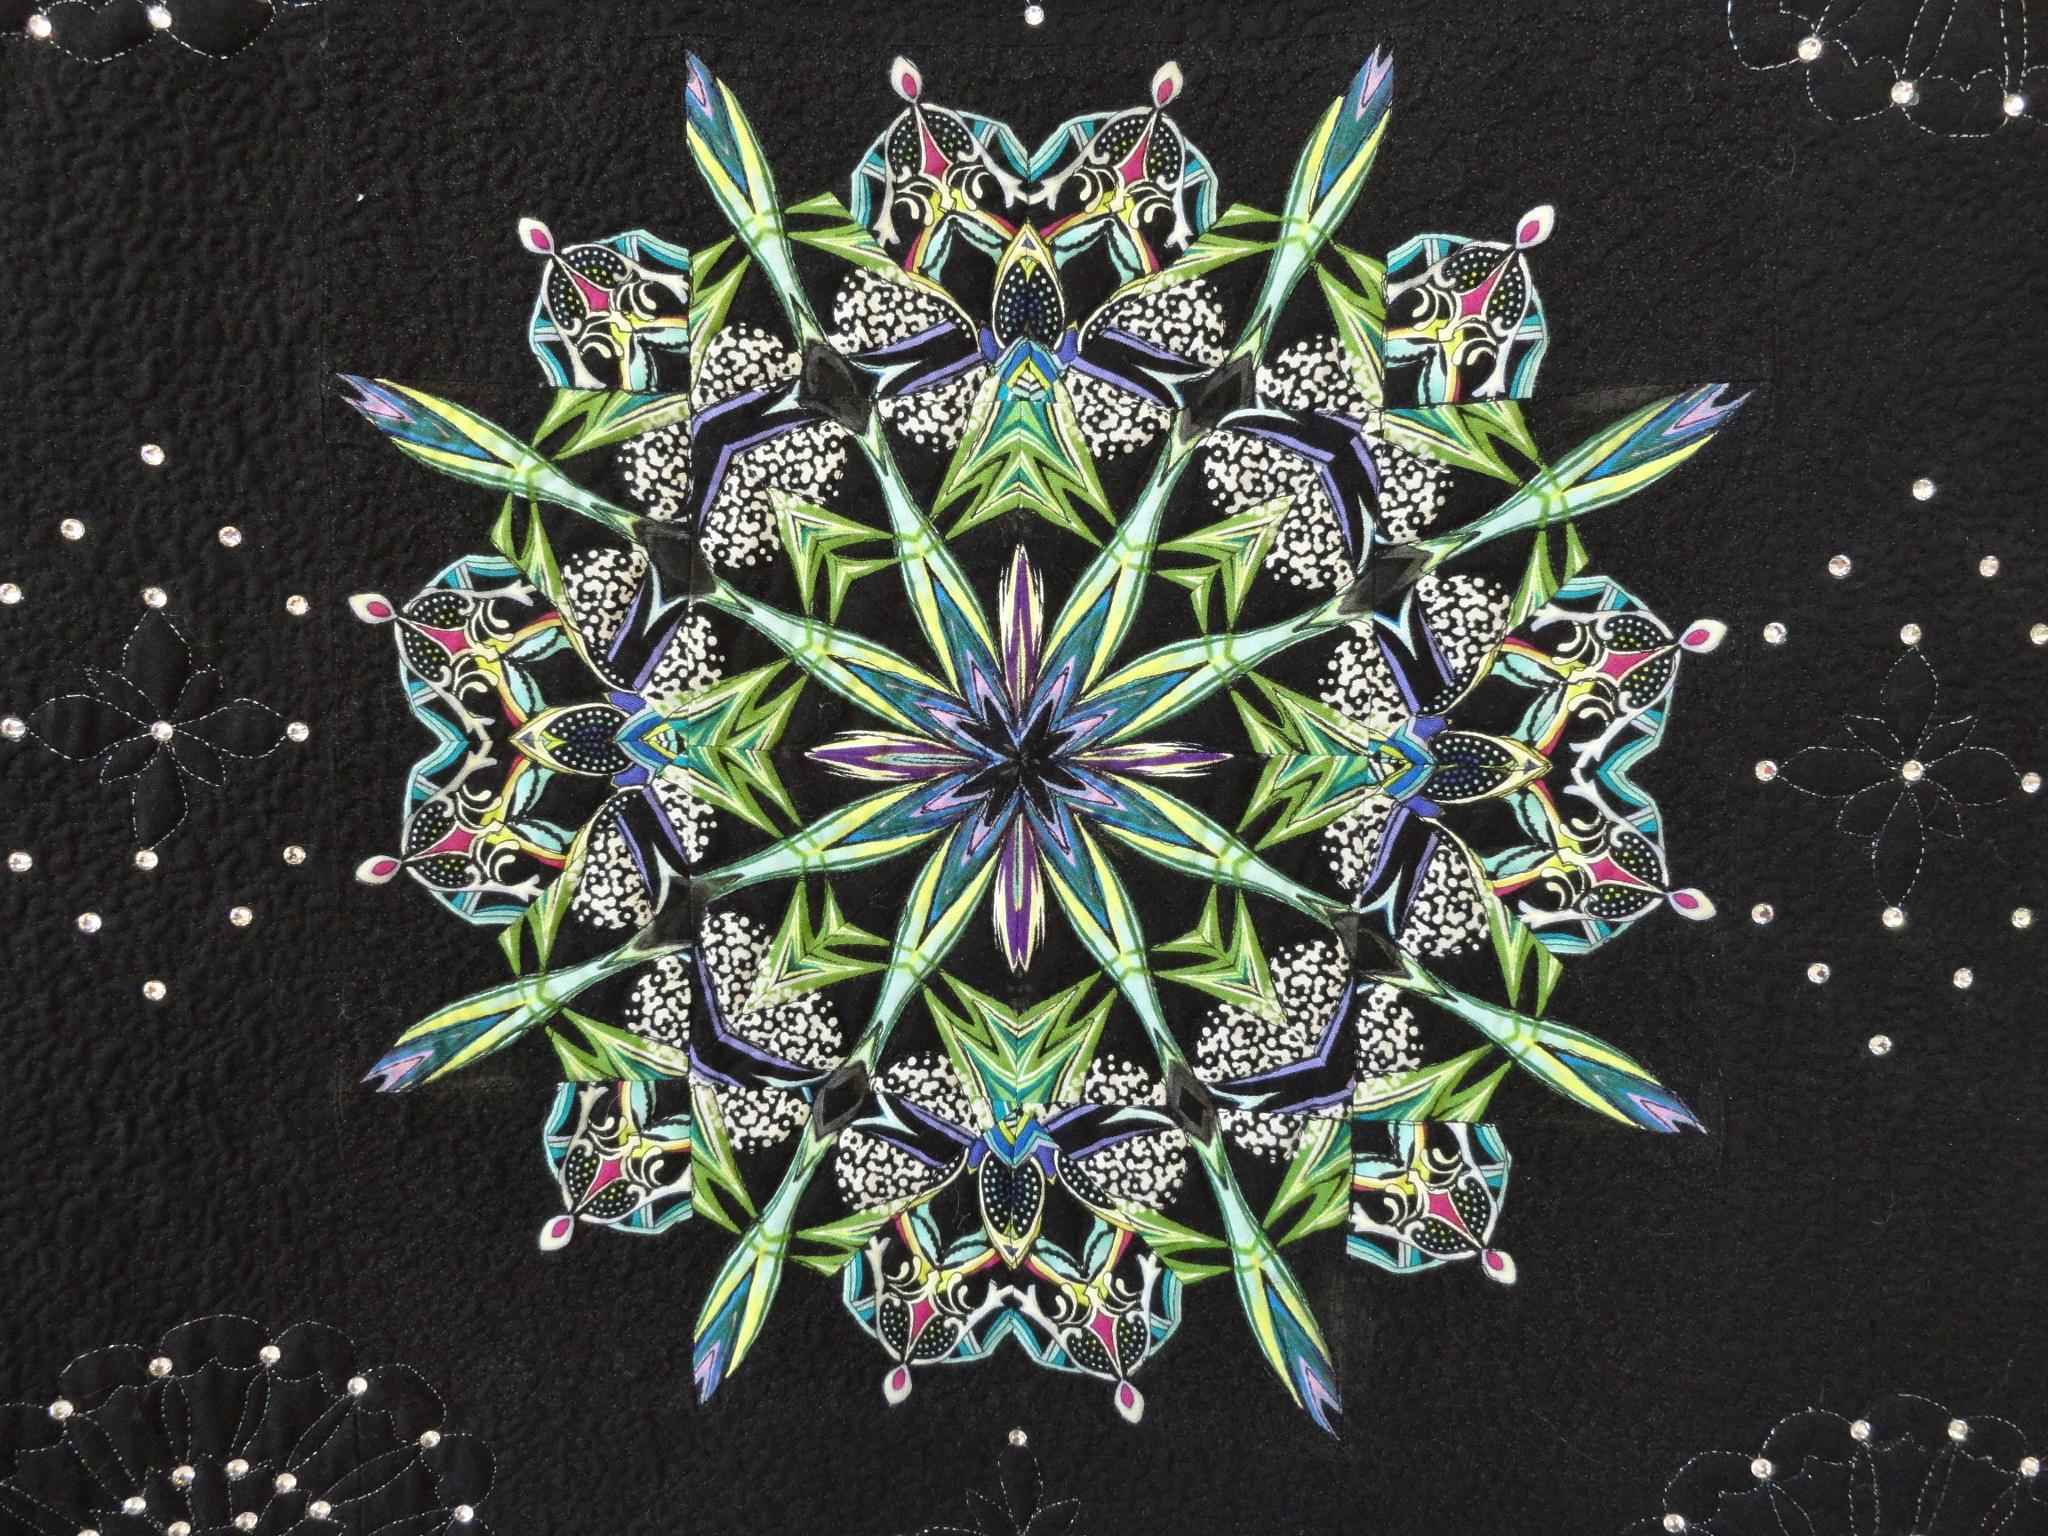 Quilt #2.1 by Rosalie H Mazure